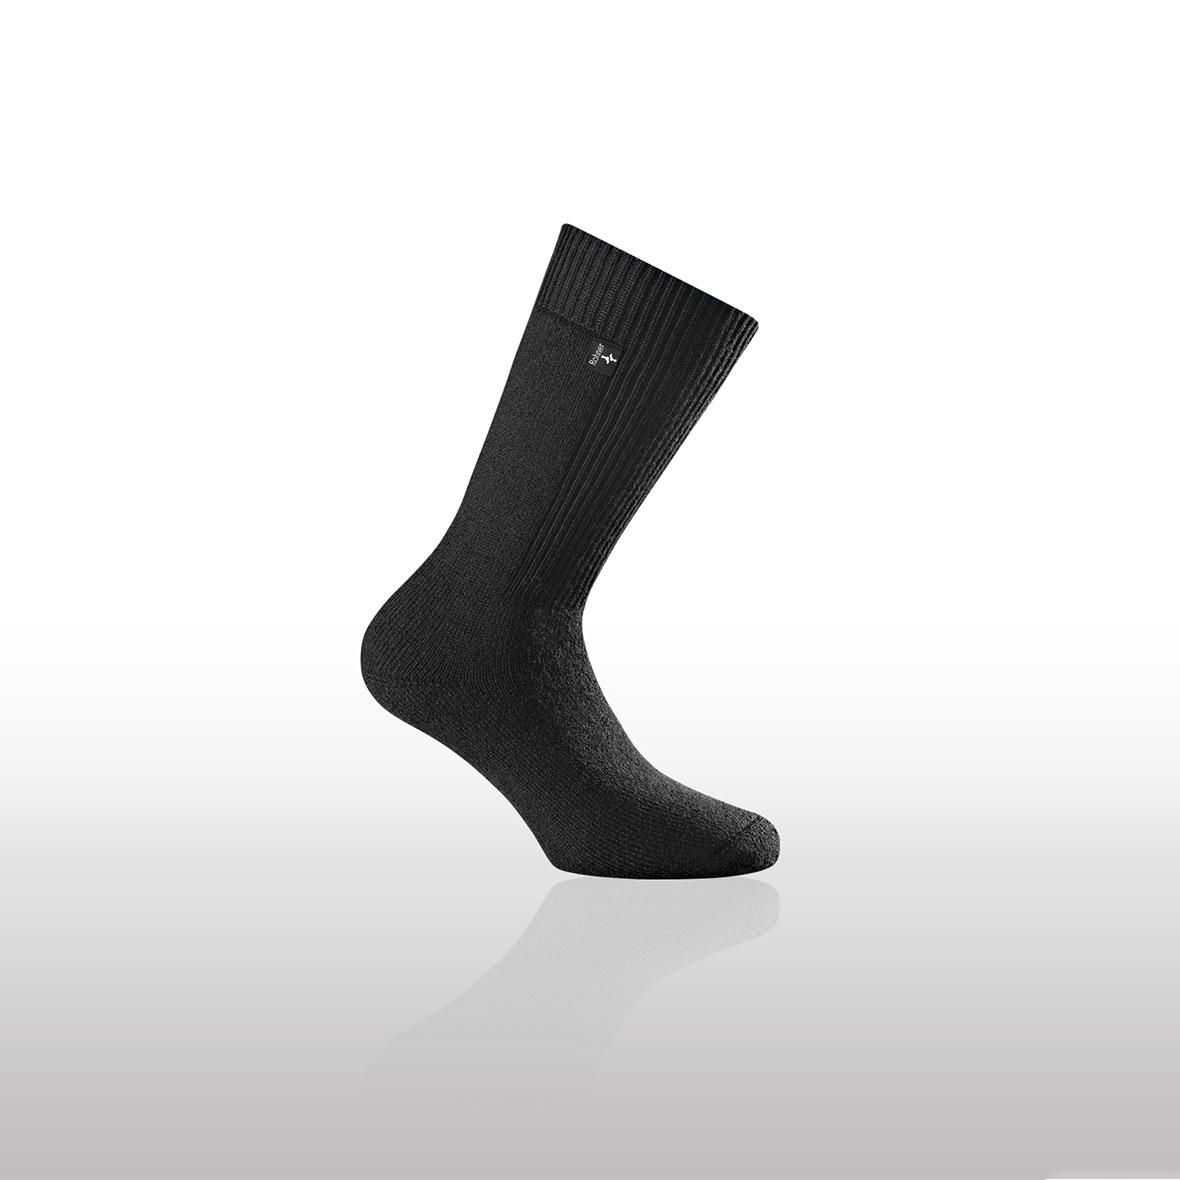 Socke army / working